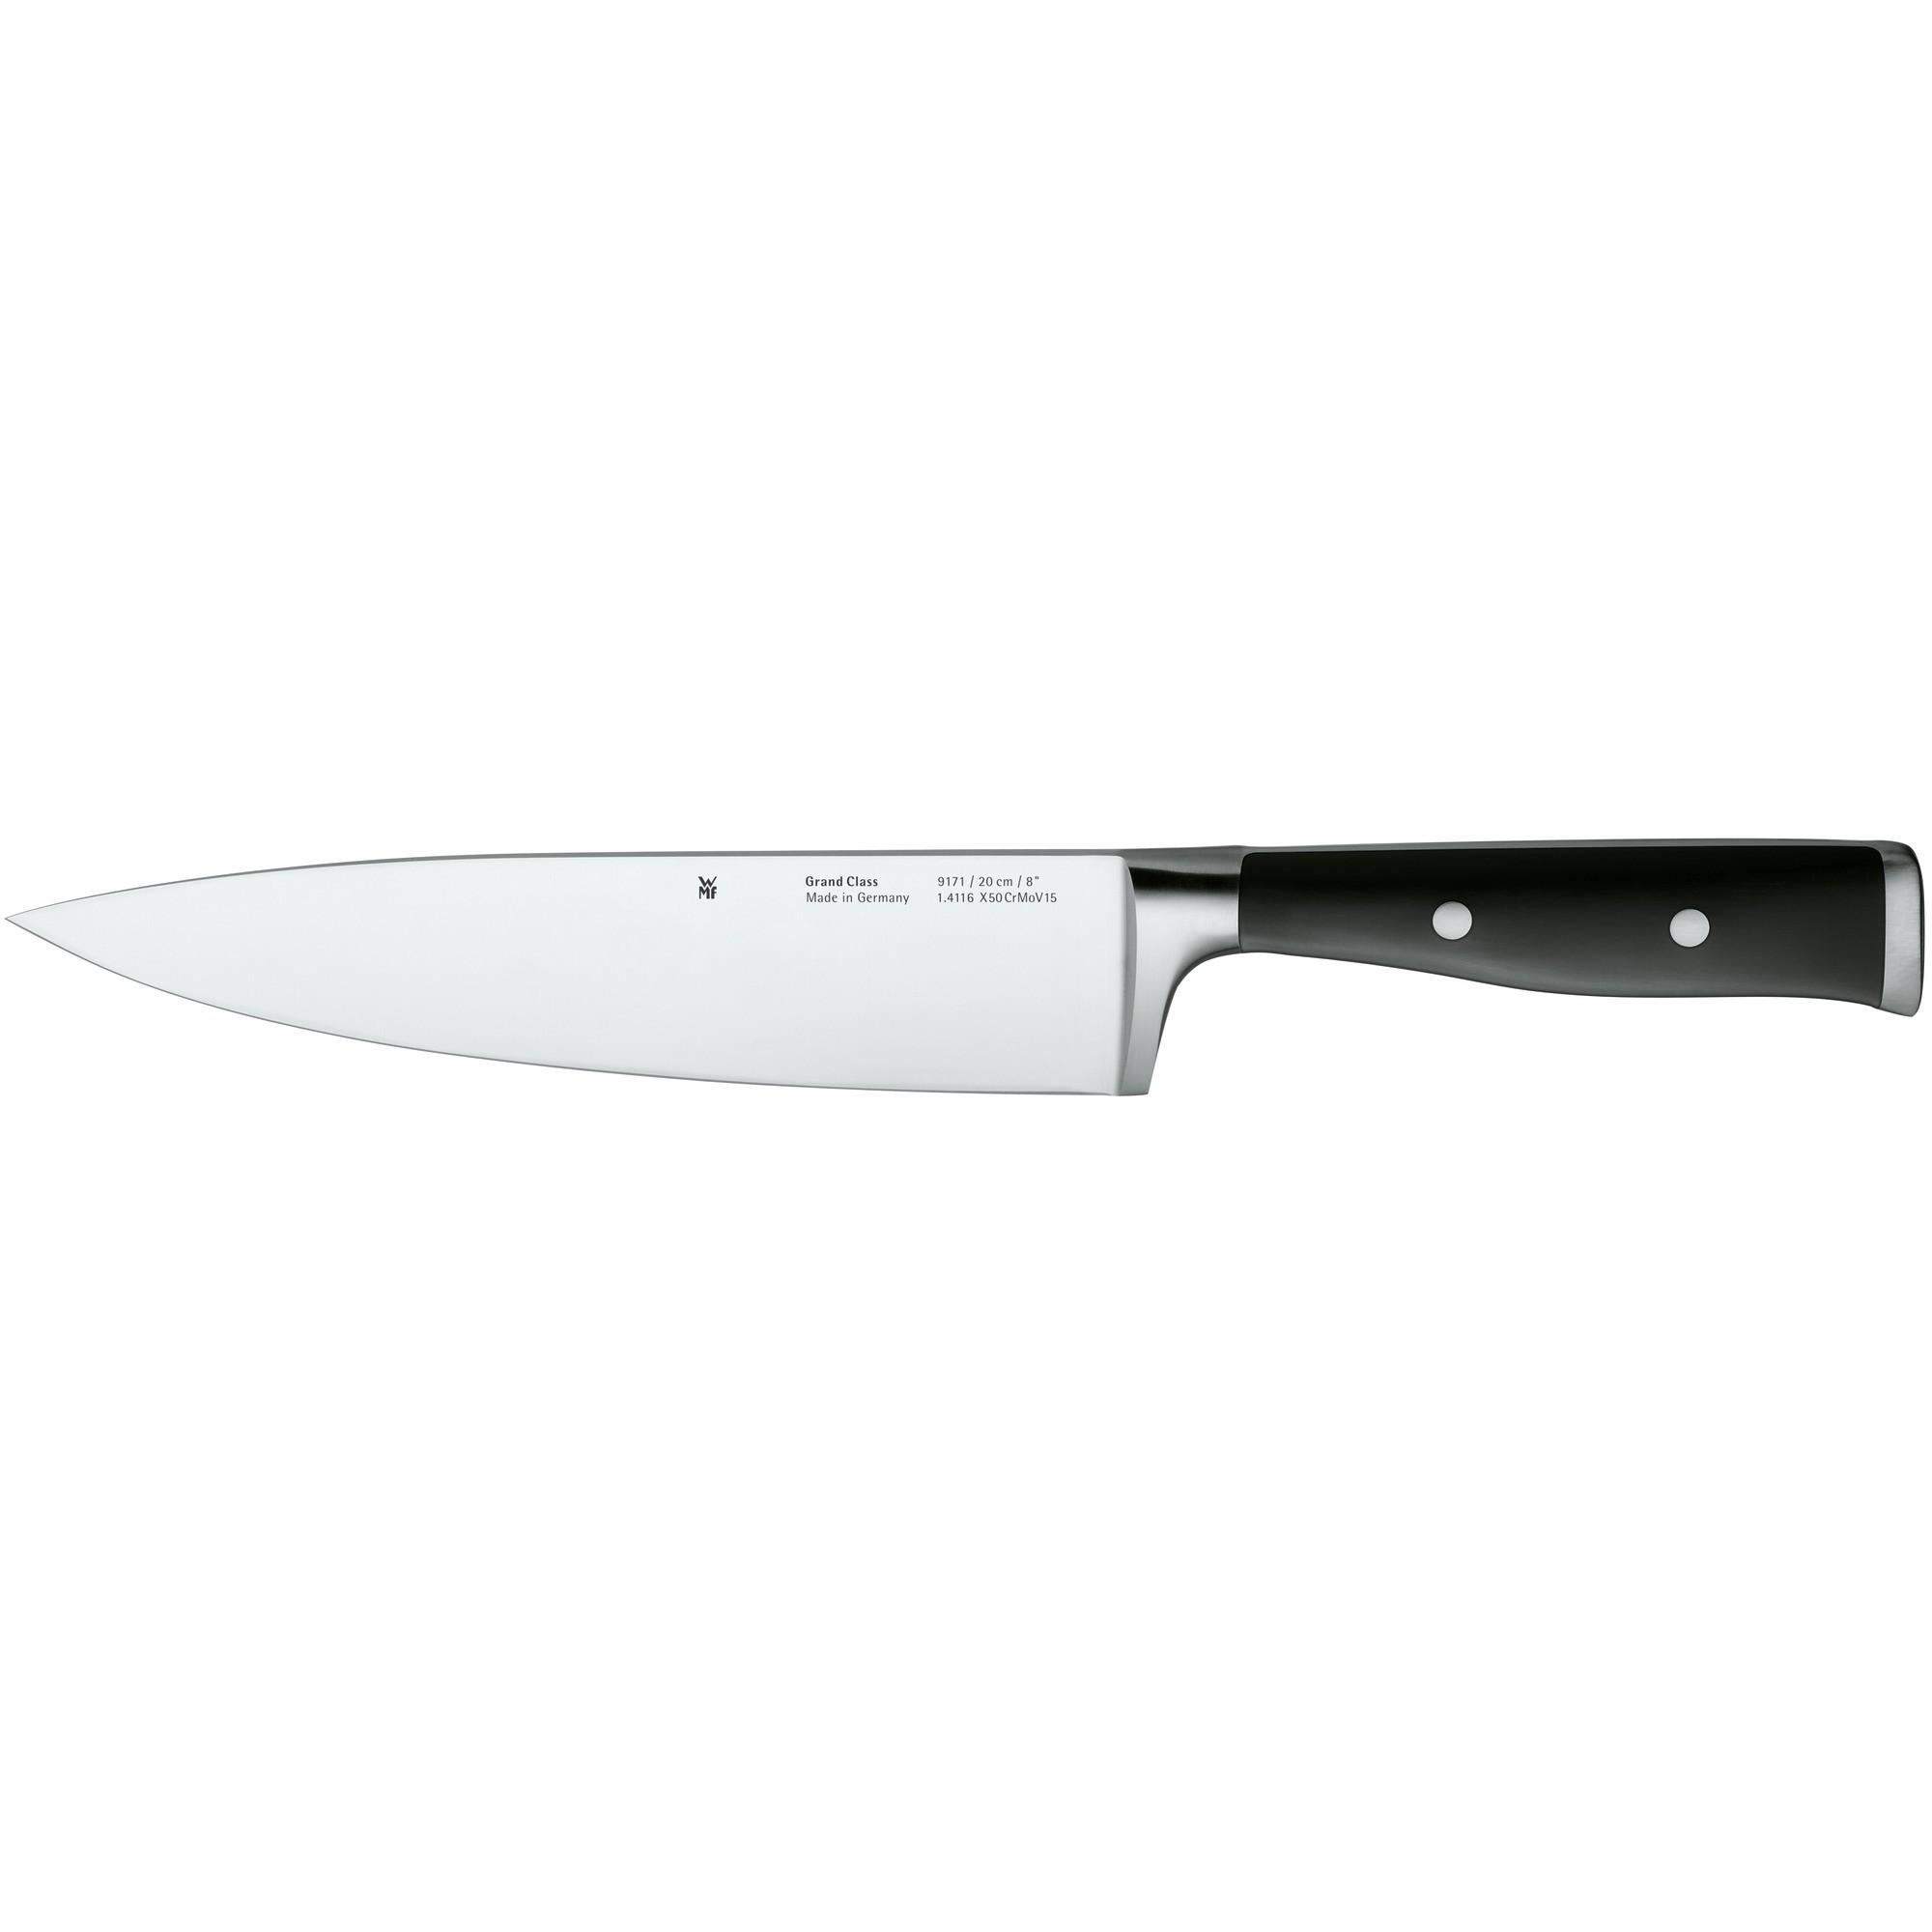 Kuchársky nôž Grand Class WMF 20 cm